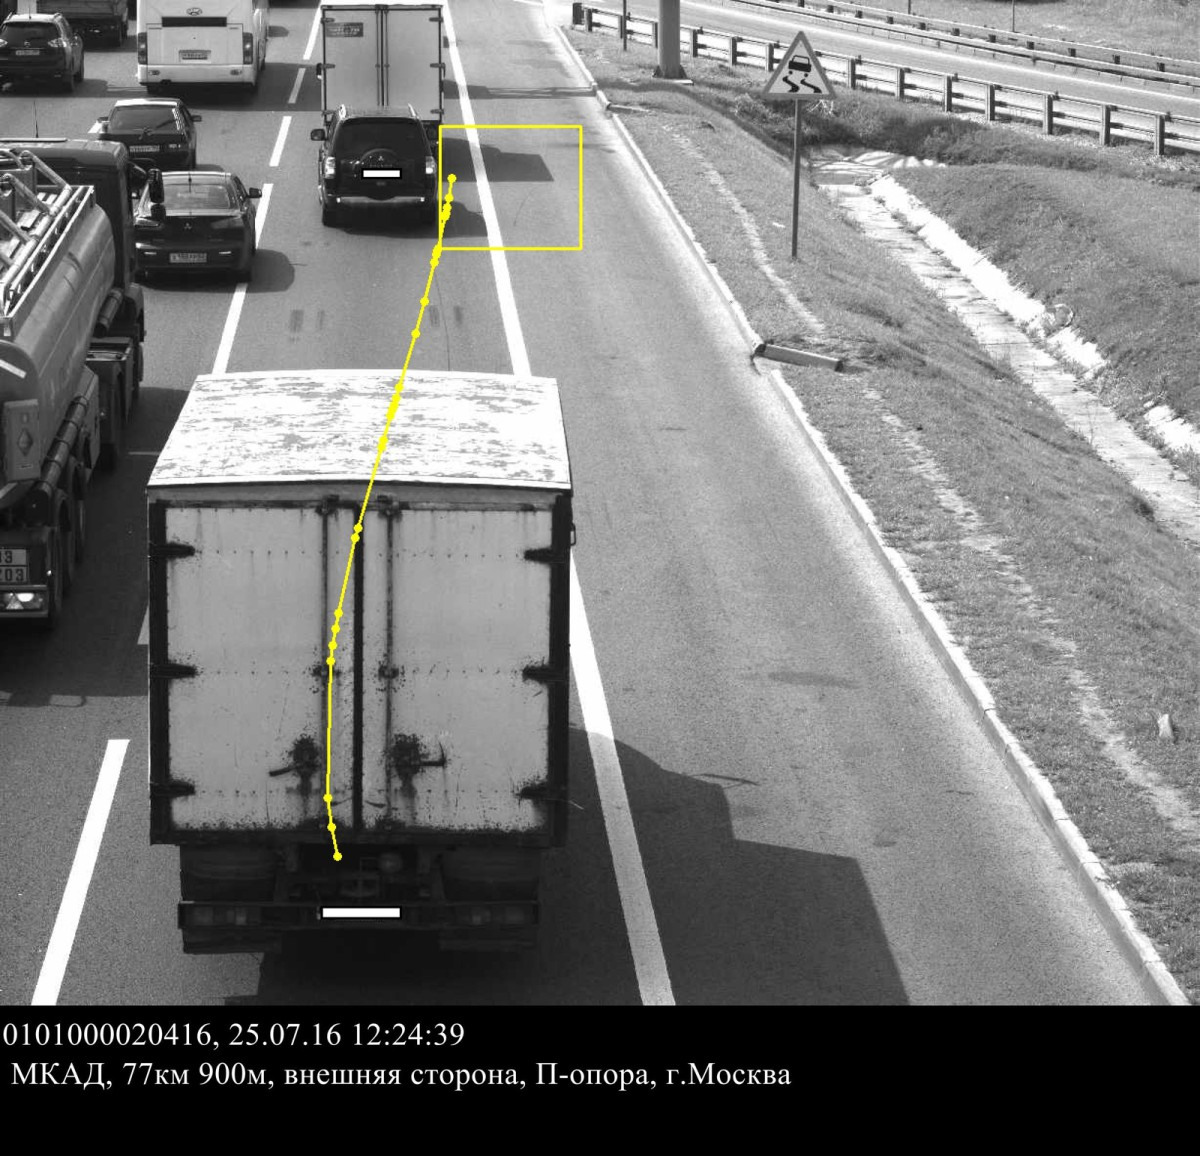 Камера оштрафовала водителя из-за блика фар надороге